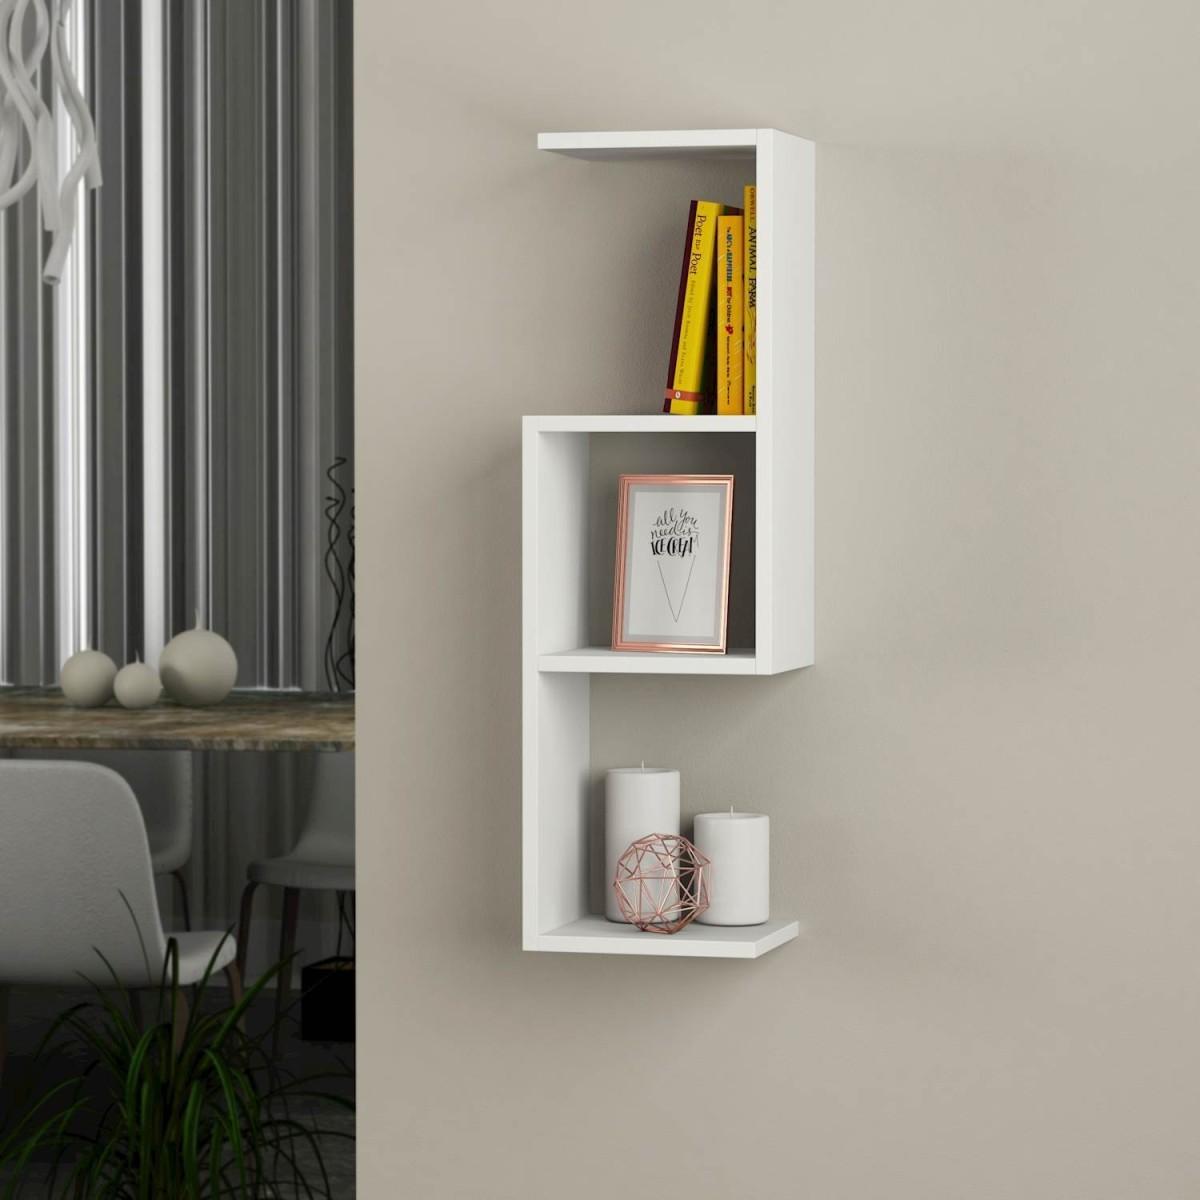 Bubu libreria mensole sospese a muro in legno 27 x 90 cm for Mensole libreria